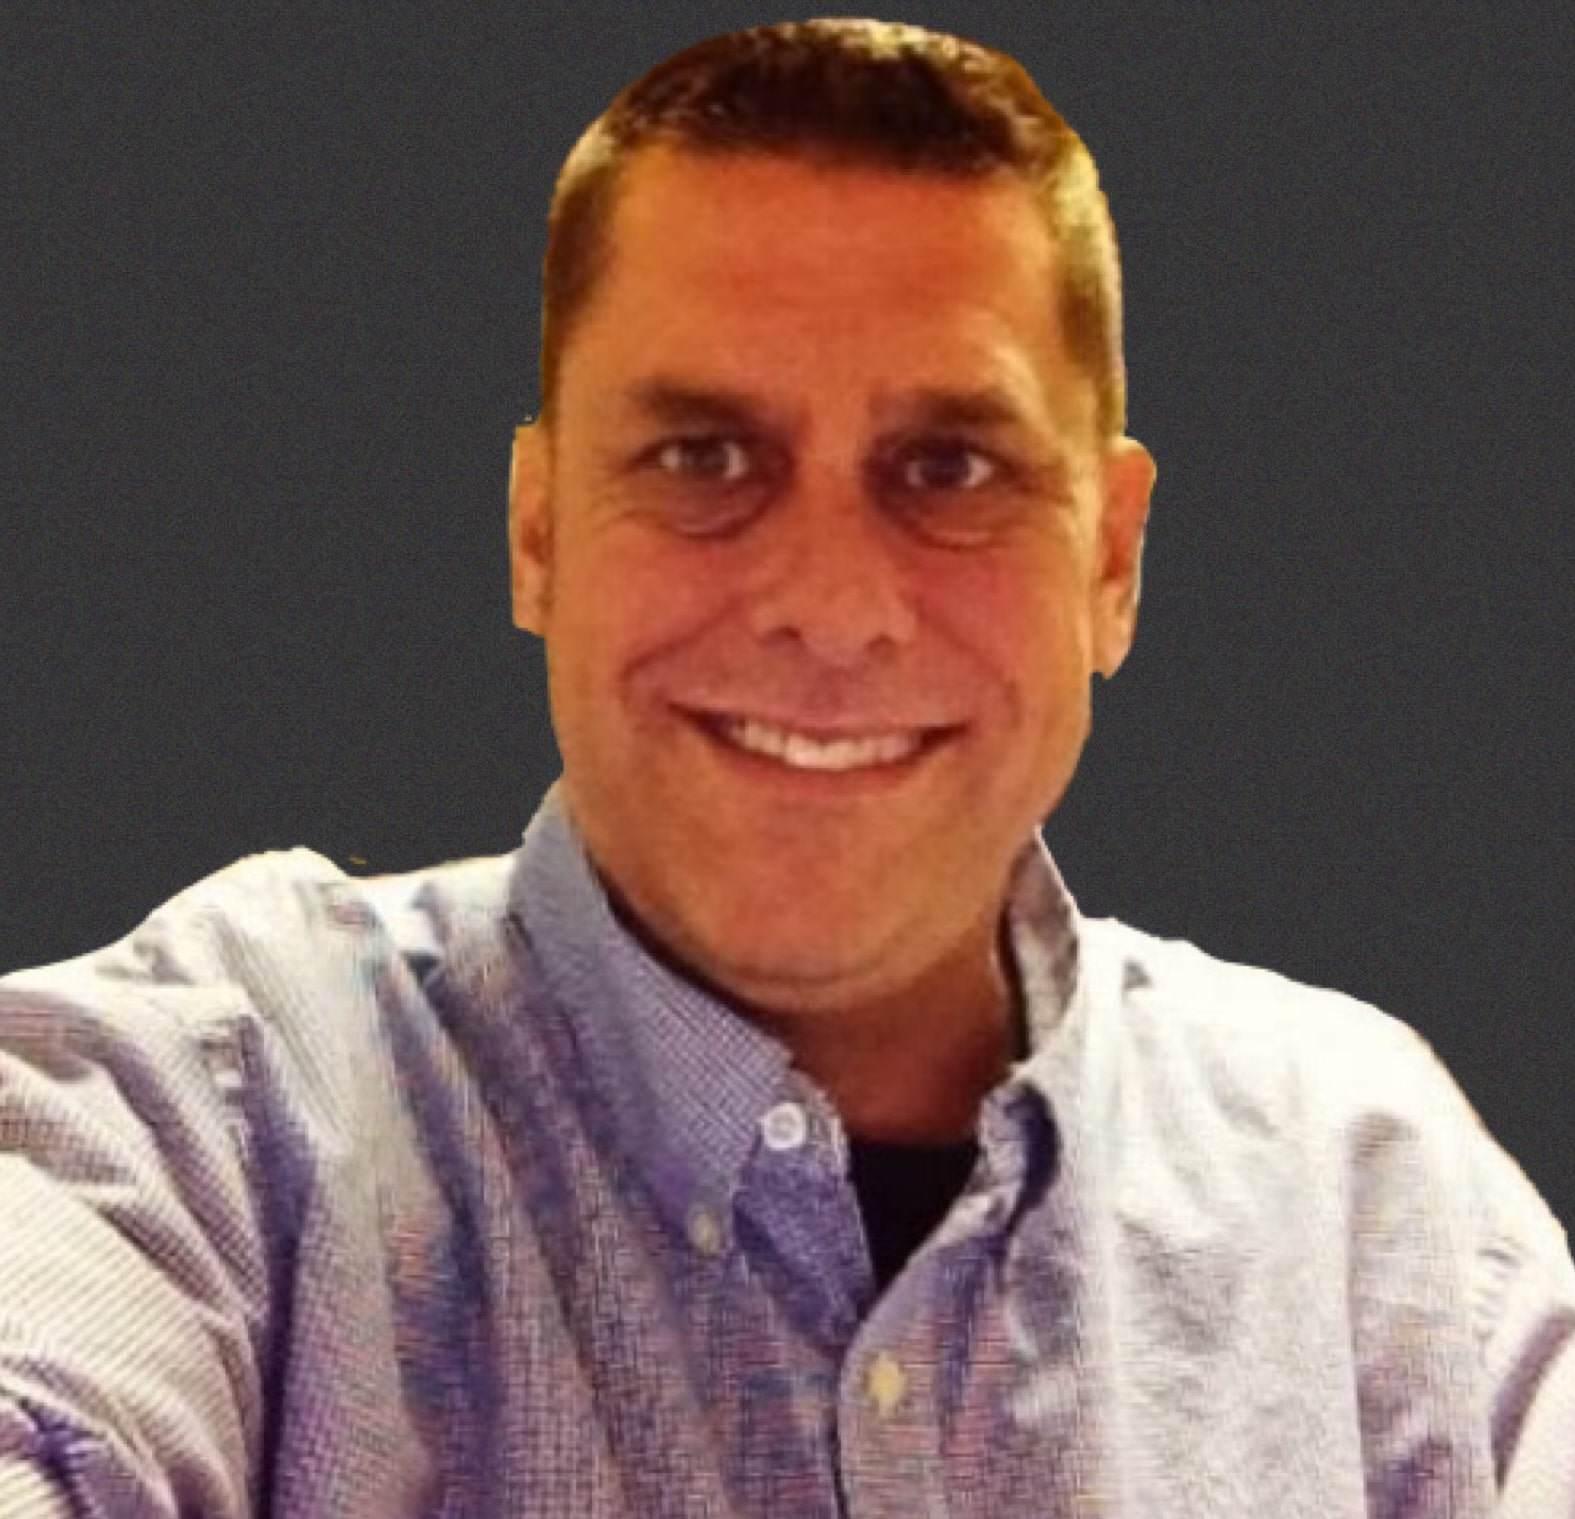 Matt Pelton